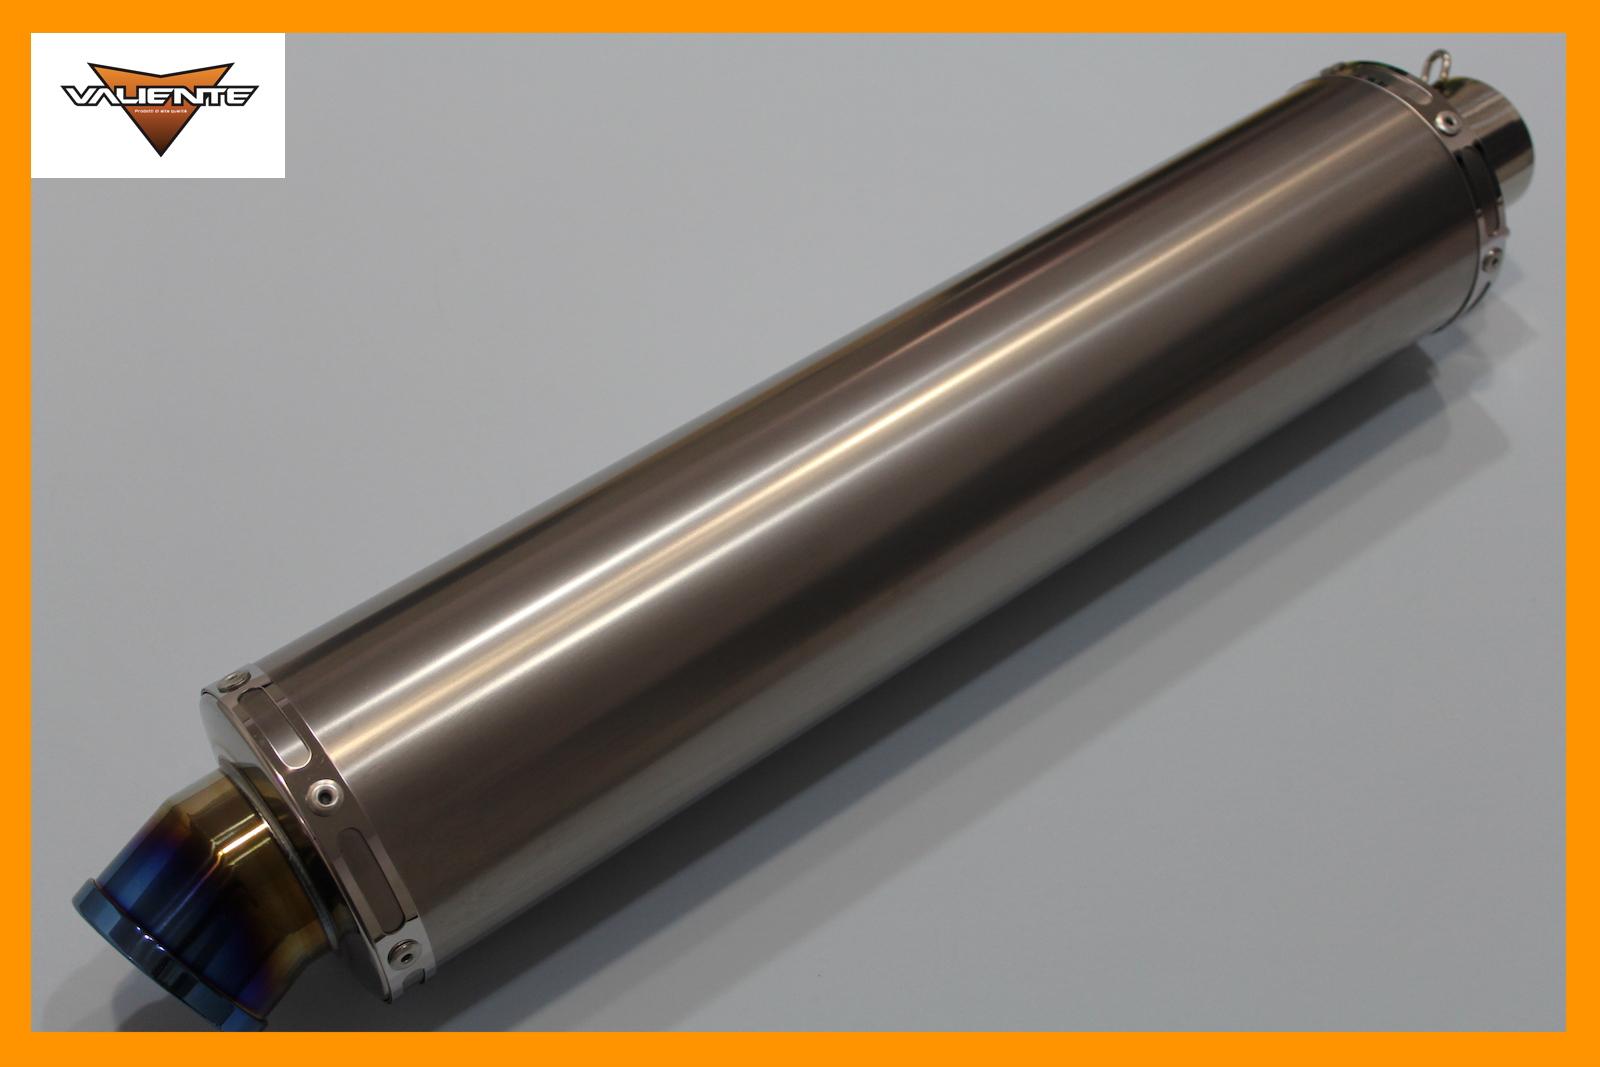 汎用チタンサイレンサー 50.8Φ用です Valiente 永遠の定番モデル 通信販売 バリエンテ バイクマフラー 50.8Φ用 ブルーカラー 100Φ×450mm